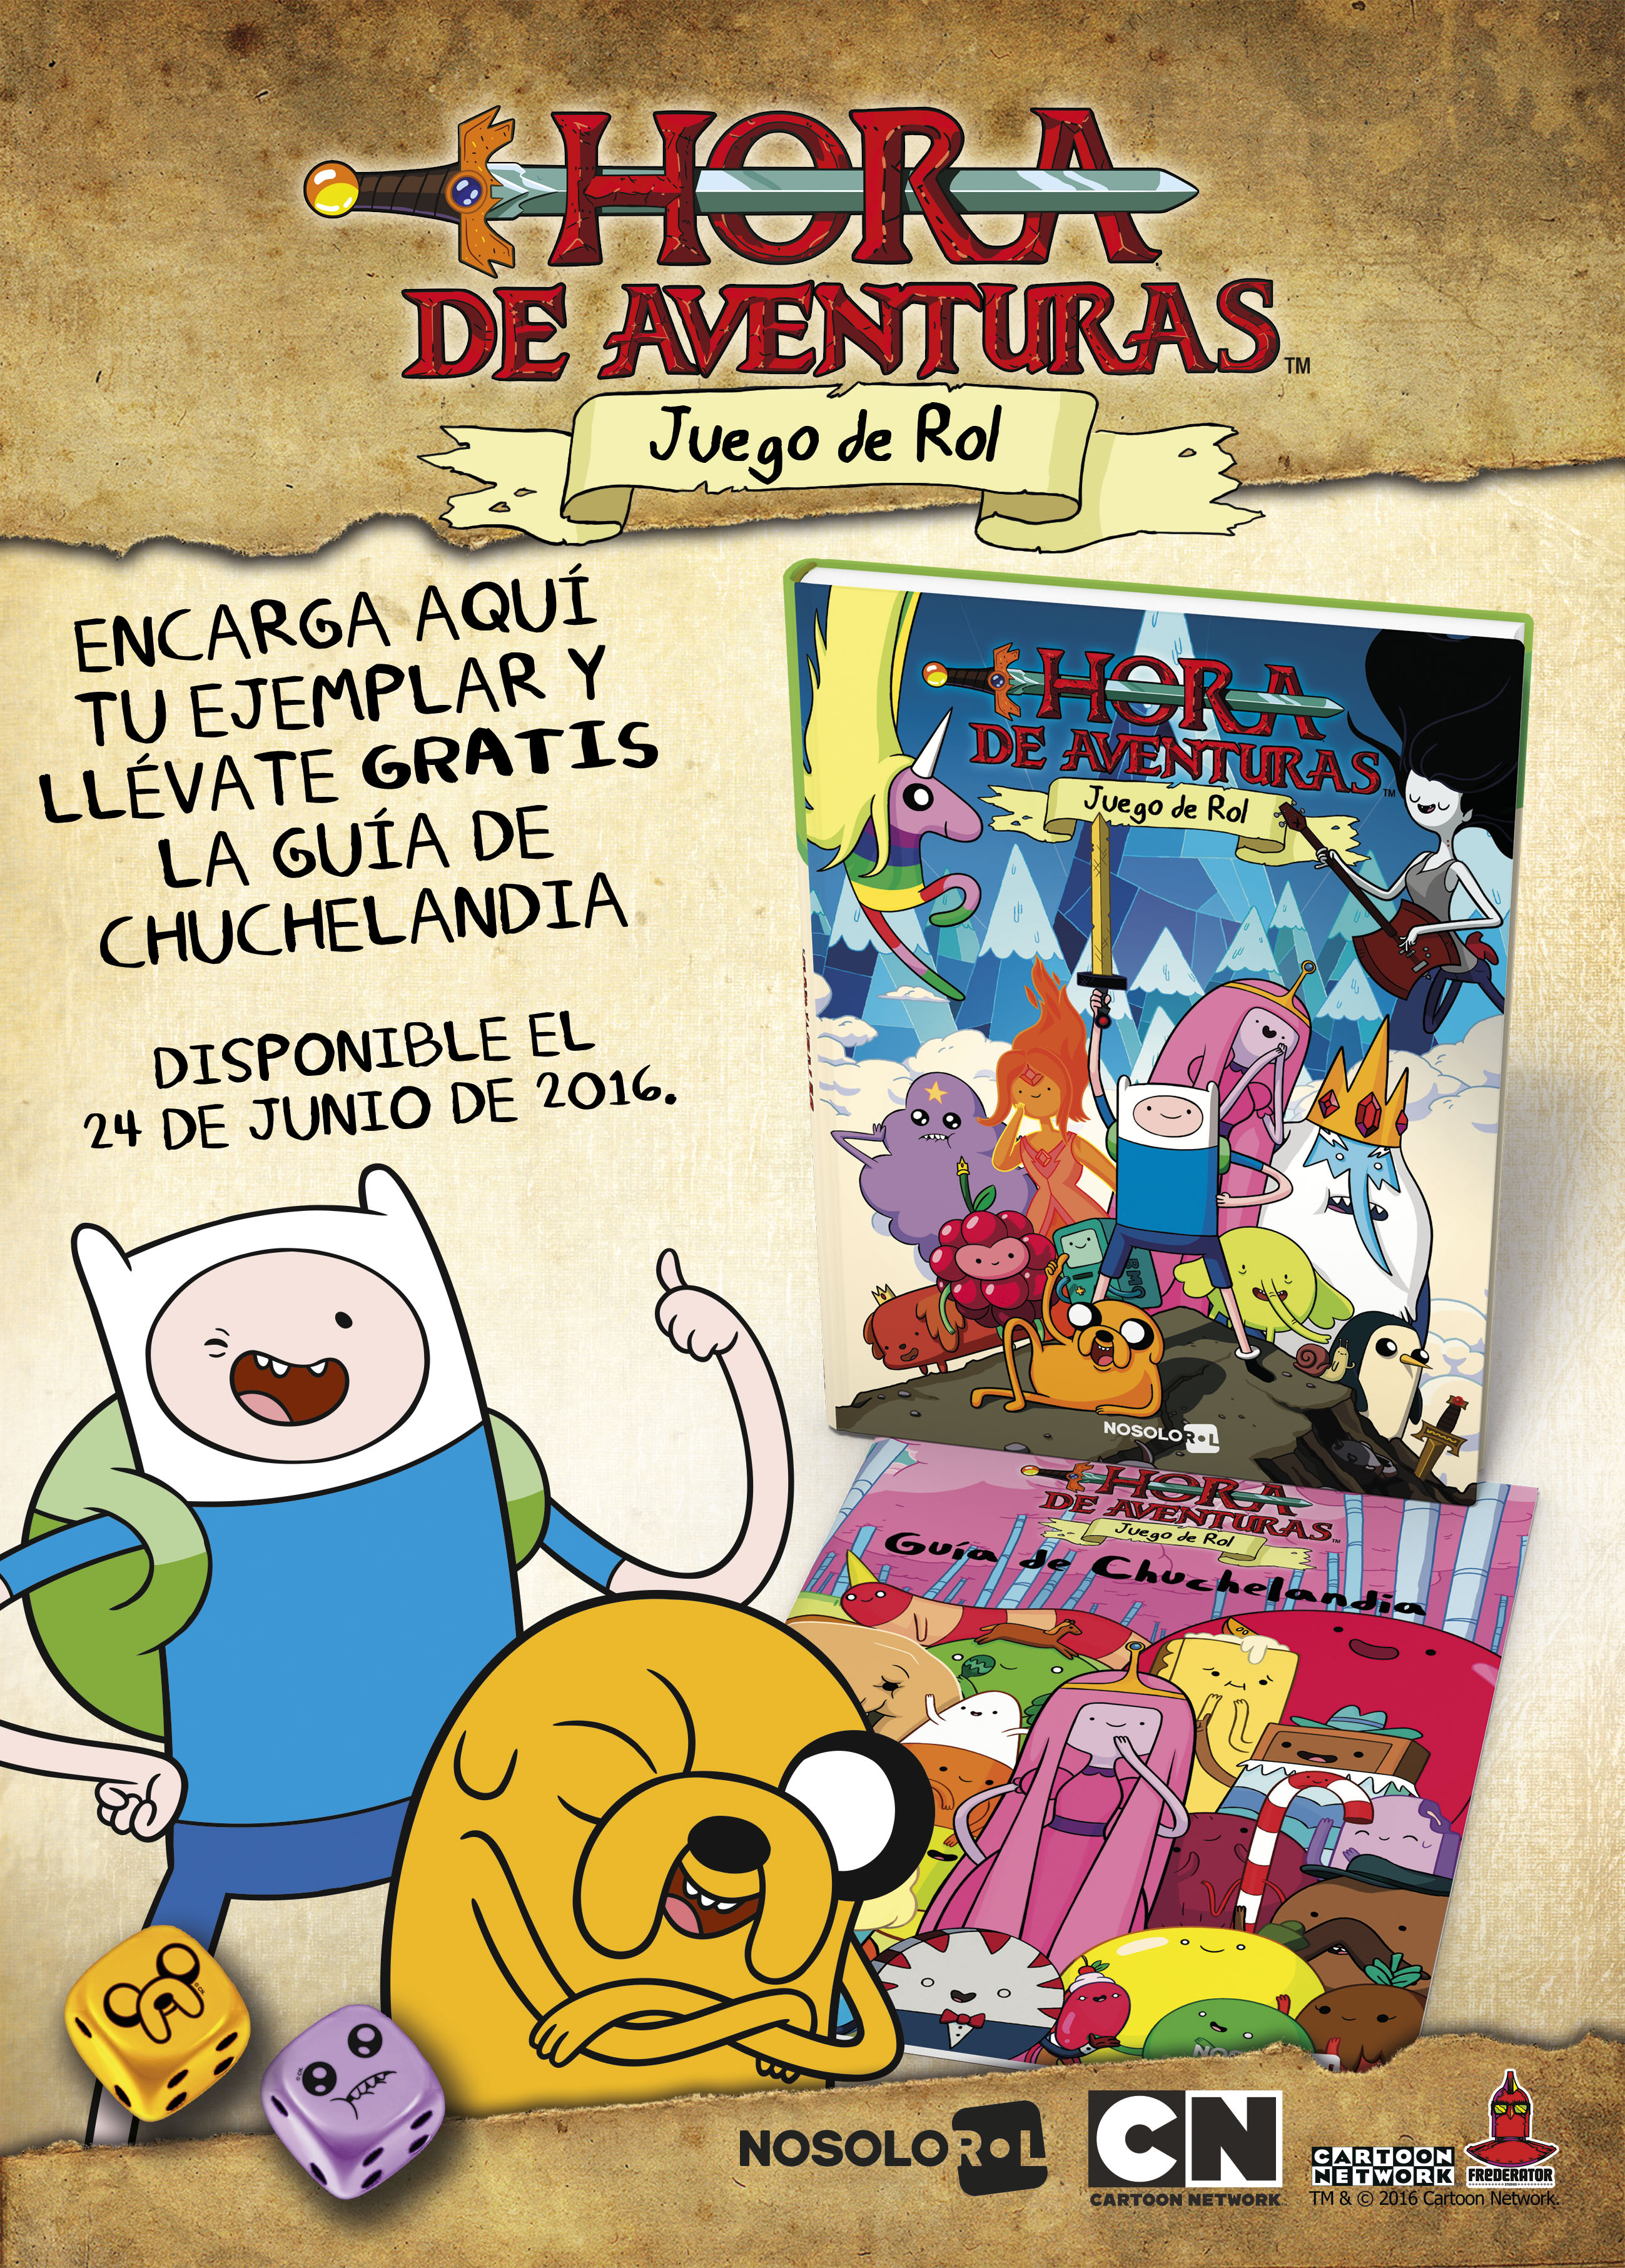 Cartooncorp Llega Hora De Aventuras El Juego De Rol Cartooncorp